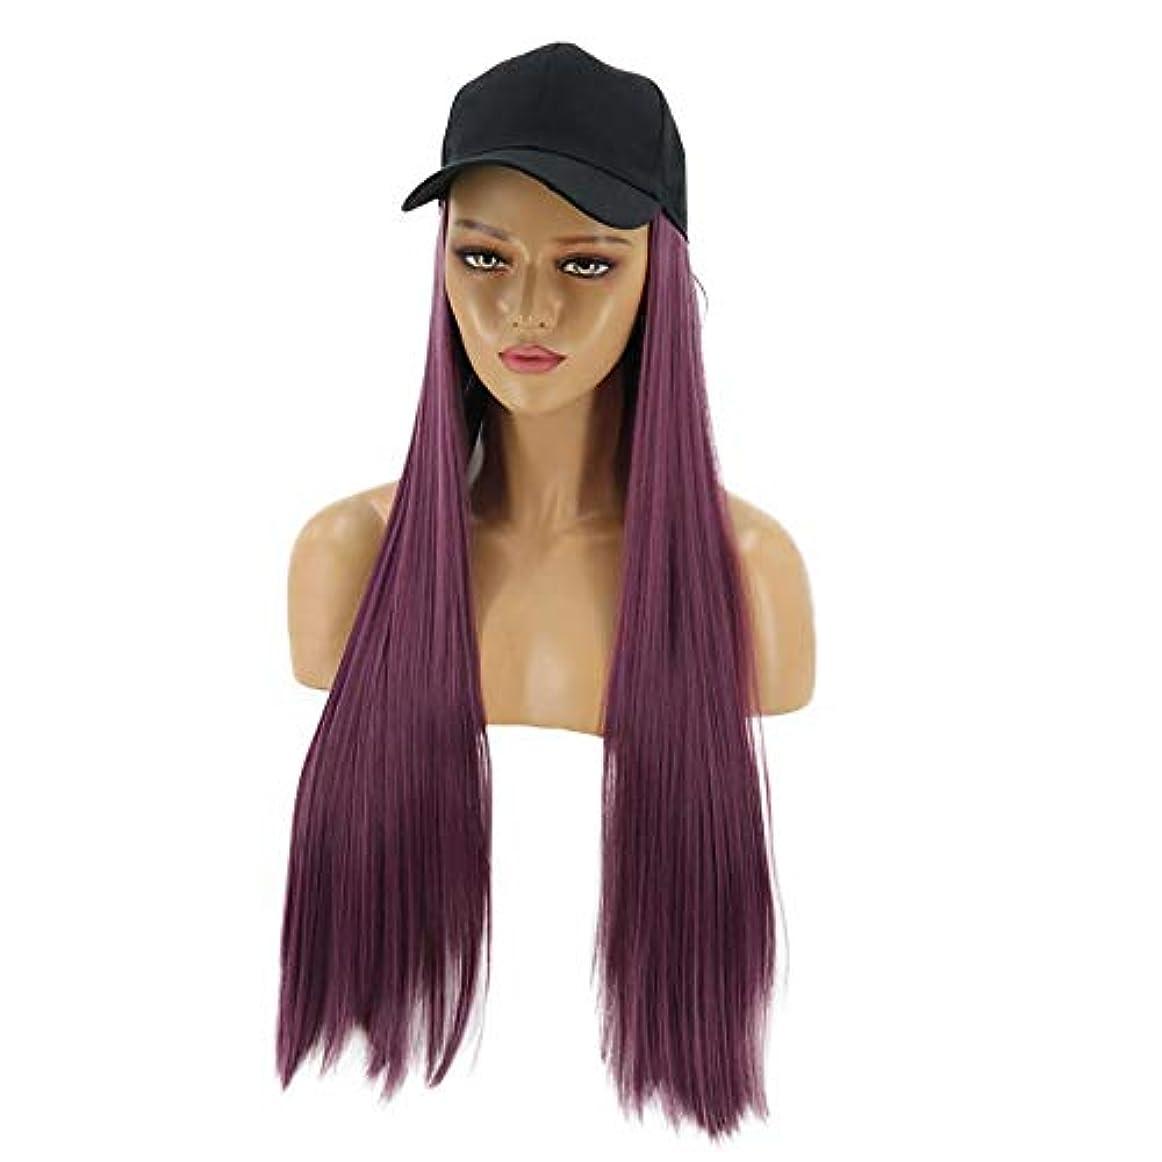 瞬時に方向巻き戻すHAILAN HOME-かつら ヨーロッパやアメリカのファッションレディースウィッグワンピース帽子ウィッグ粘り強いストレートヘアー62センチメートル(ゴールド/パープル/グレー)ワンピース取り外し可能 (色 : Purple)